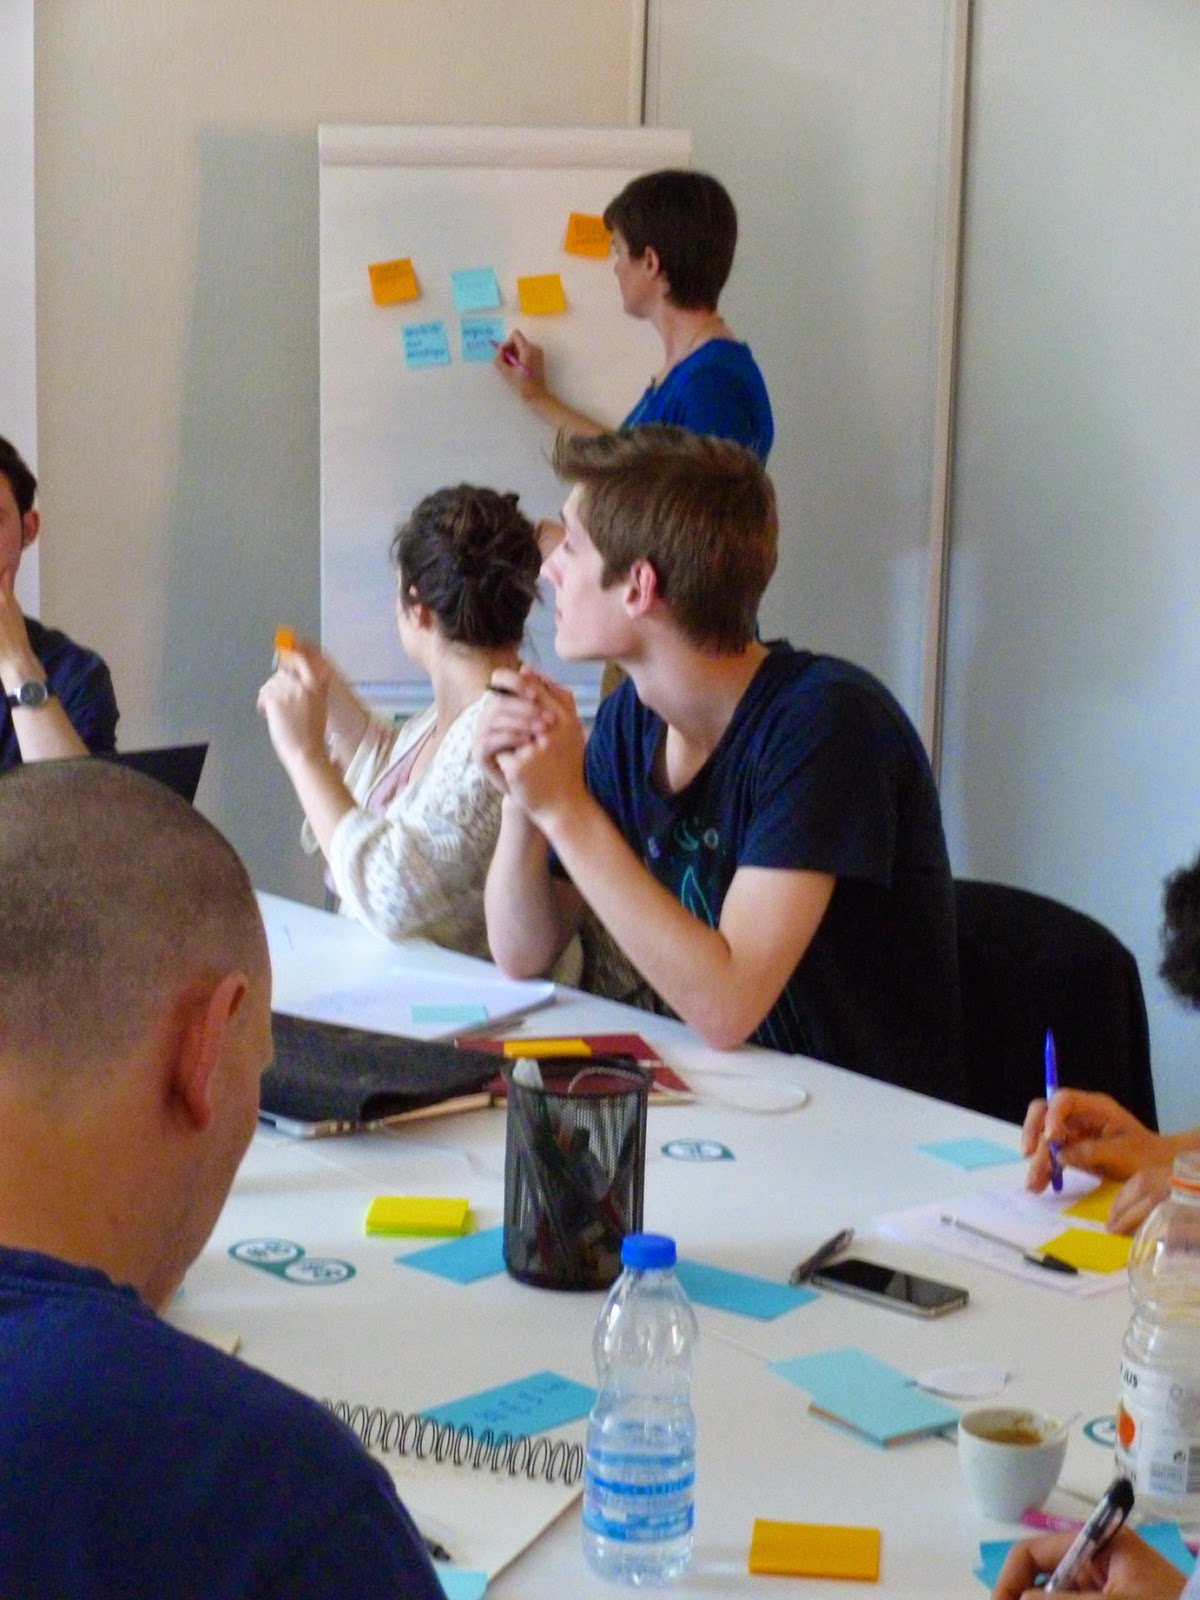 Accompagnement et formation pour les start-ups de l'Incubateur Midi-Pyrénées dans la découverte de la démarche Design